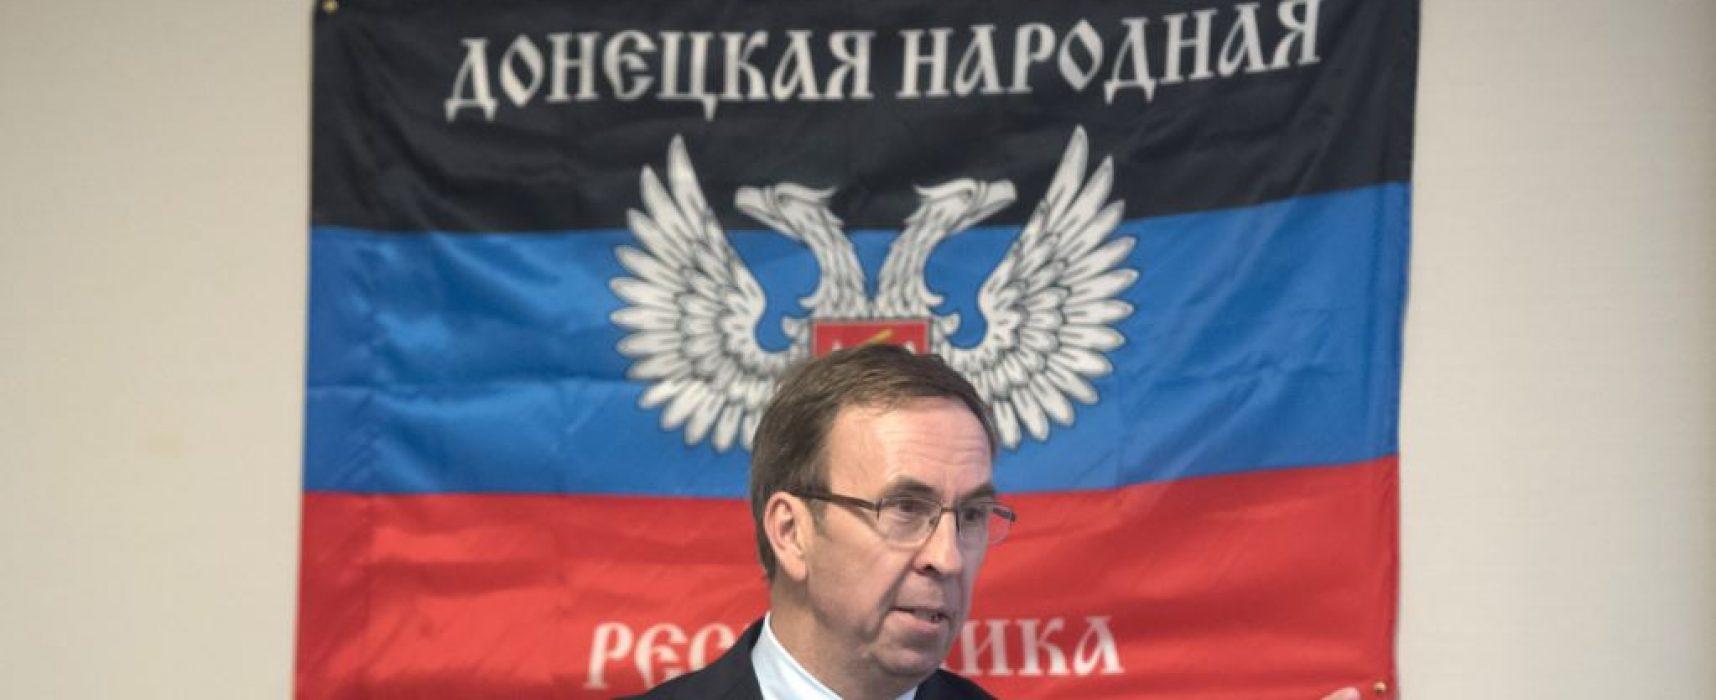 Сутенерство і любов до Кремля: у Франції заарештували «консула «ДНР»